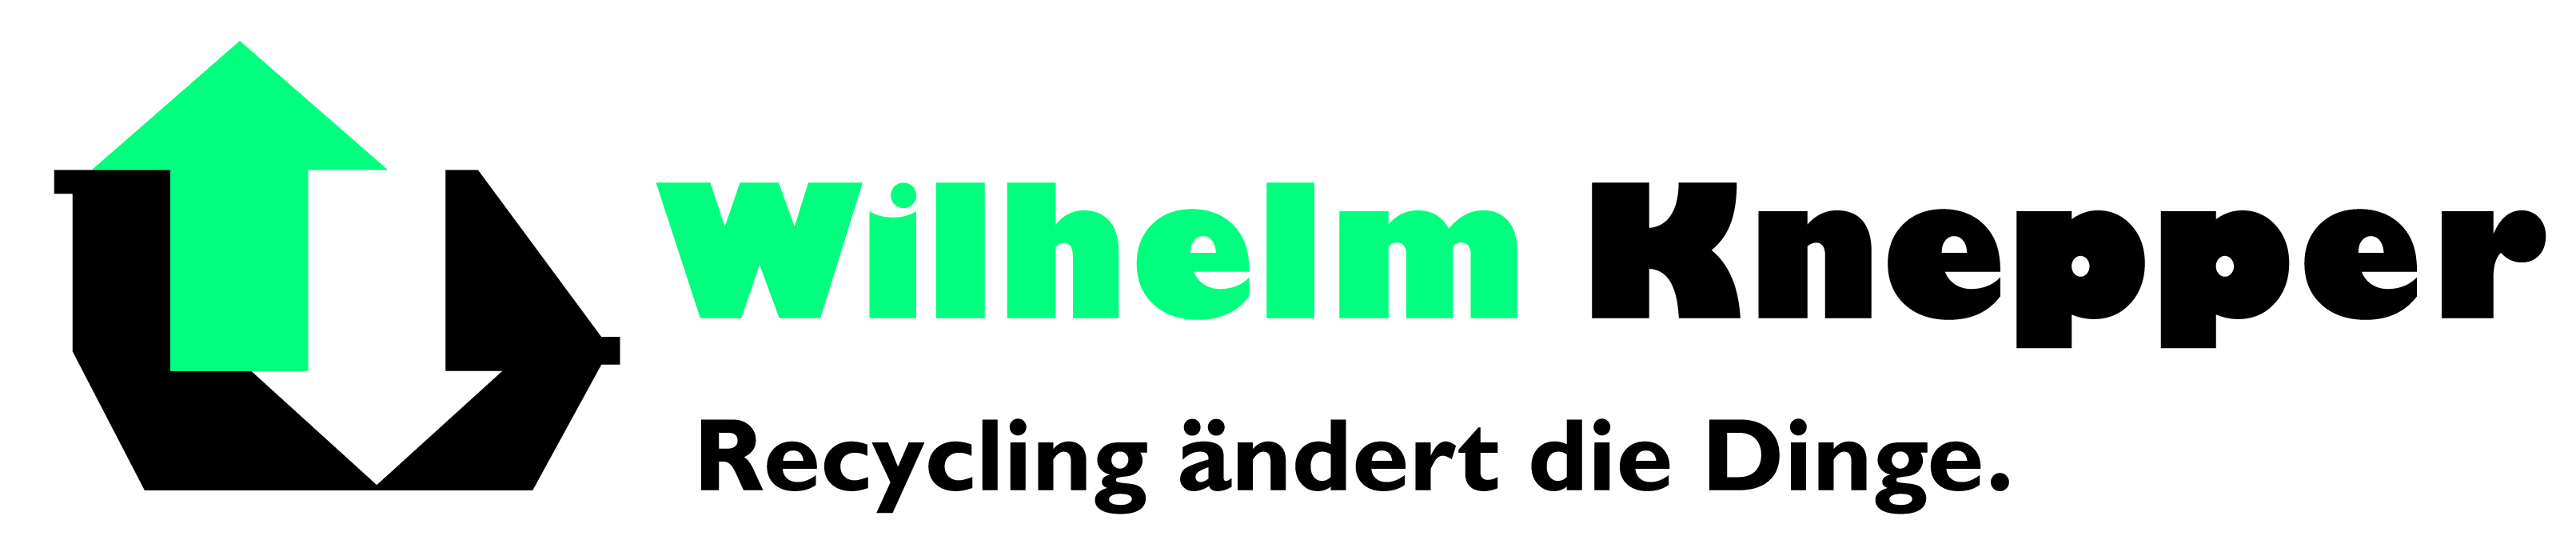 Wilhelm Knepper GmbH & Co. KG